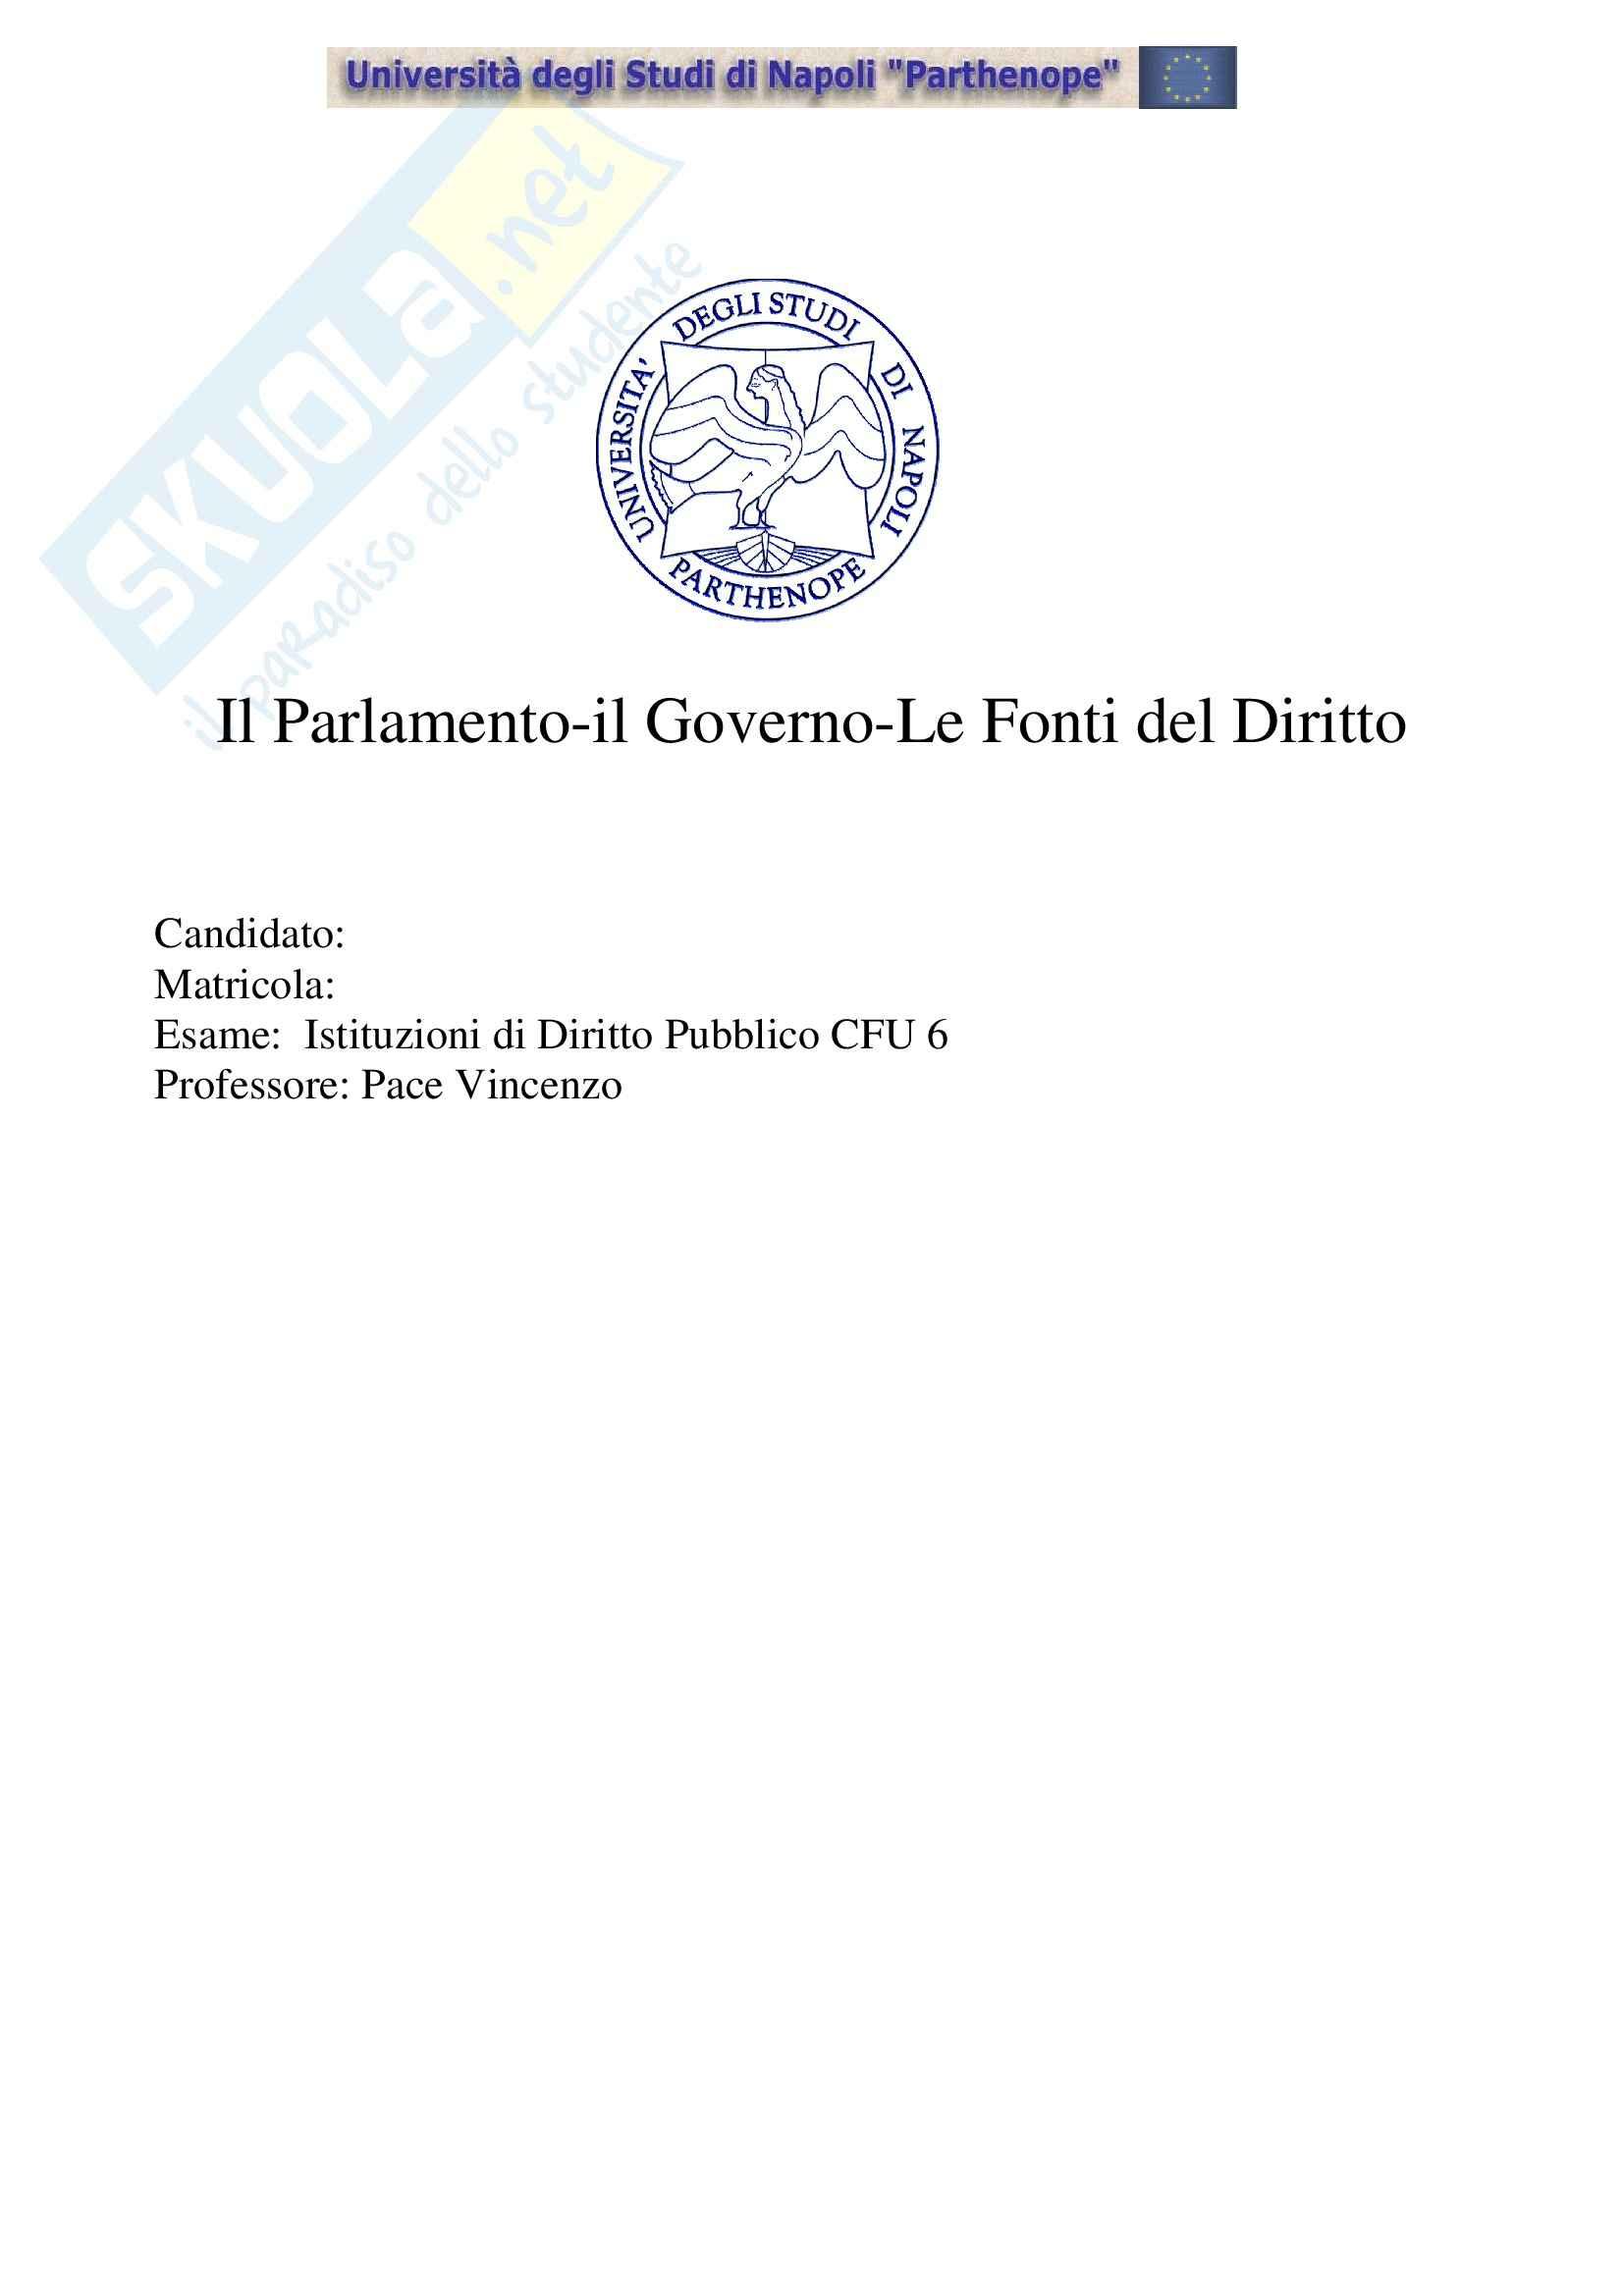 Diritto pubblico - fonti del diritto - Tesina